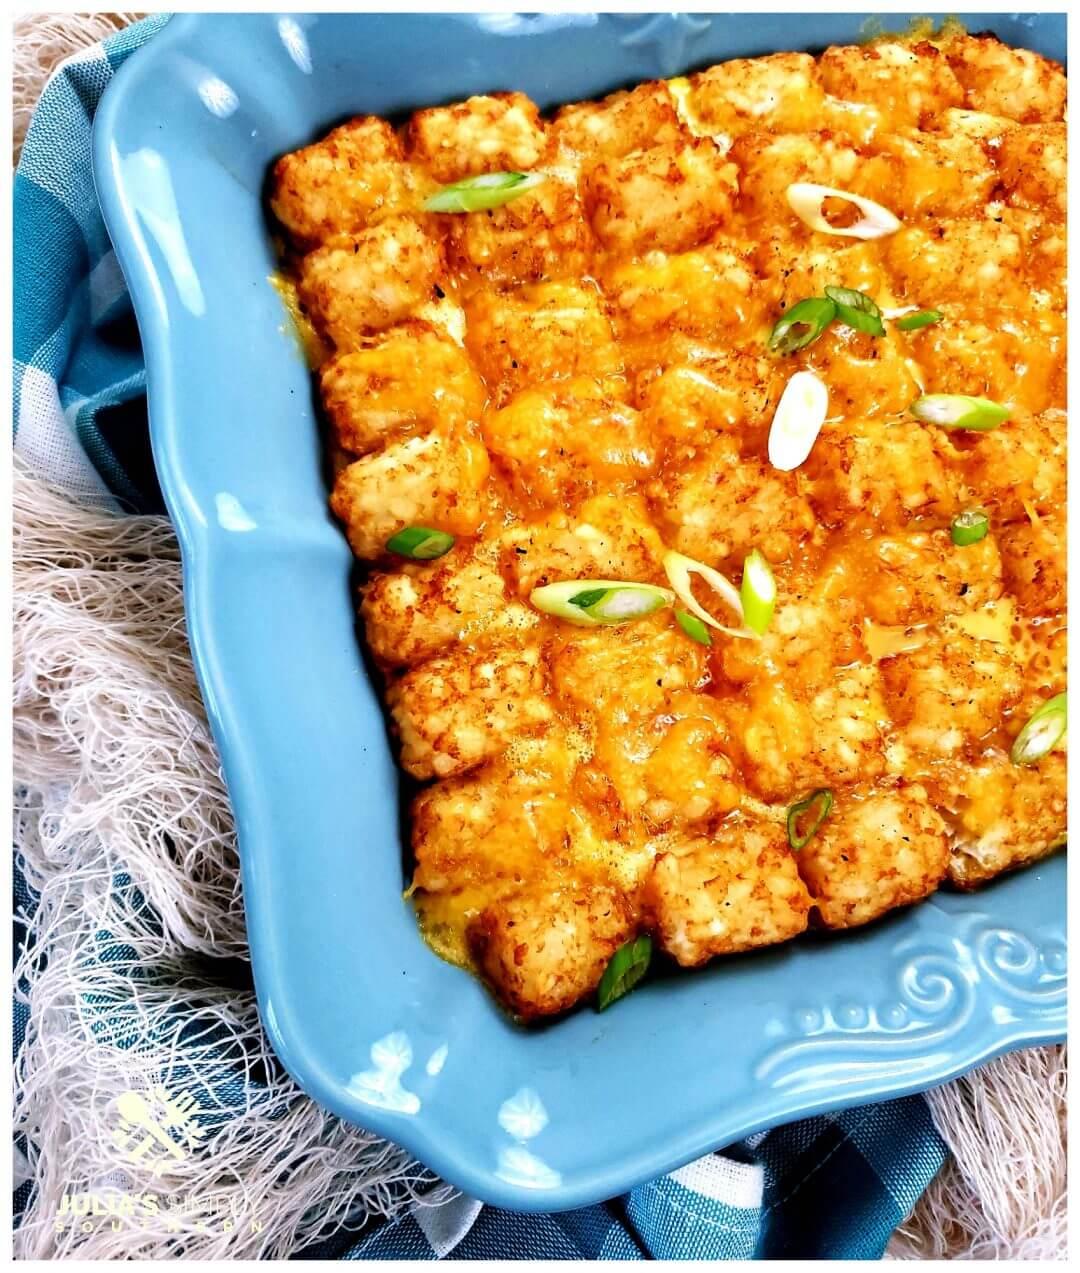 Easy breakfast casserole recipe in a teal baking dish